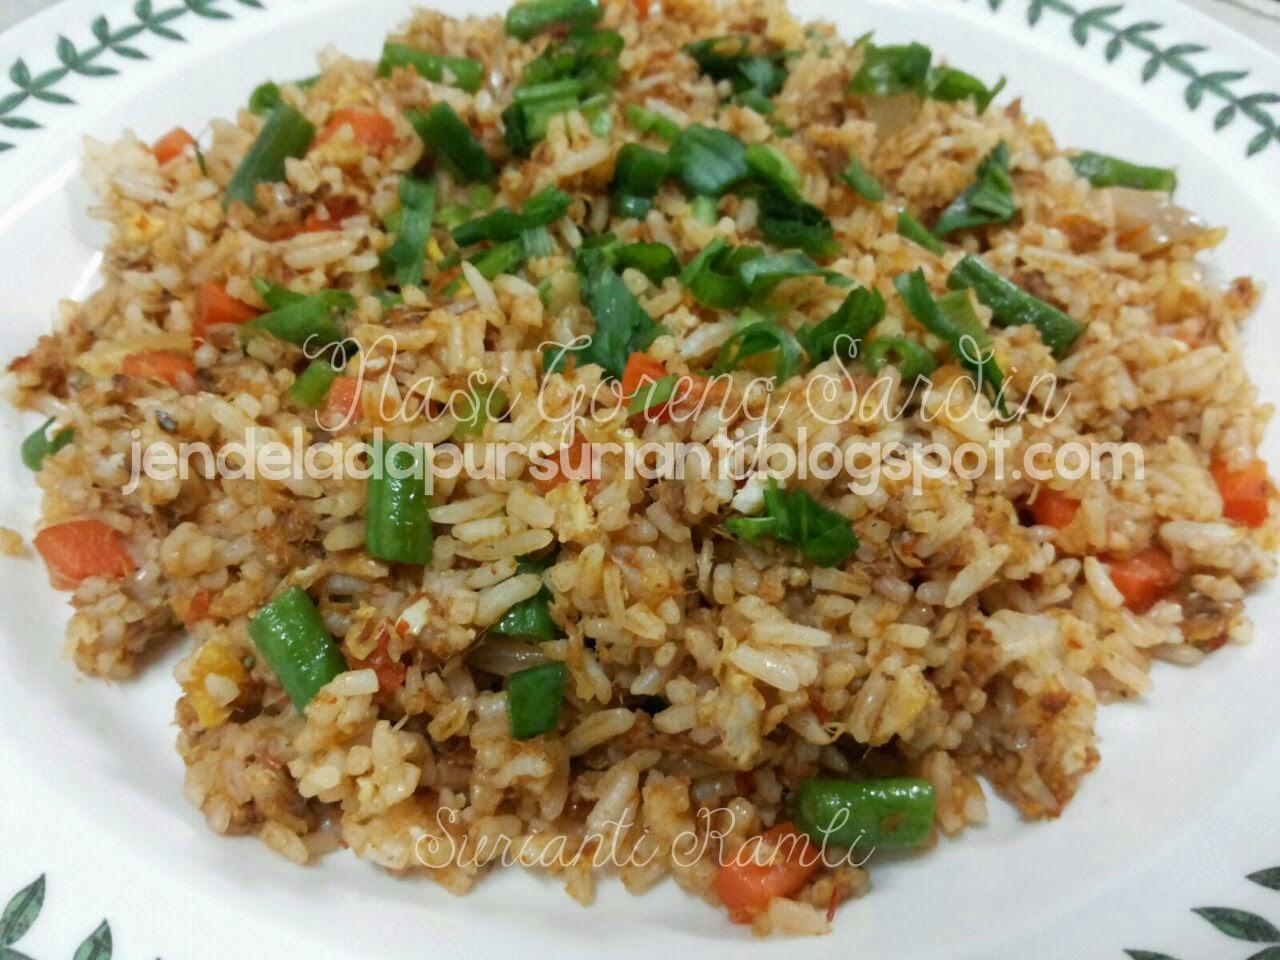 jom masak nasi goreng sardin  sedap ringkas  mudah Resepi Nasi Goreng Tanpa Bawang Merah Enak dan Mudah